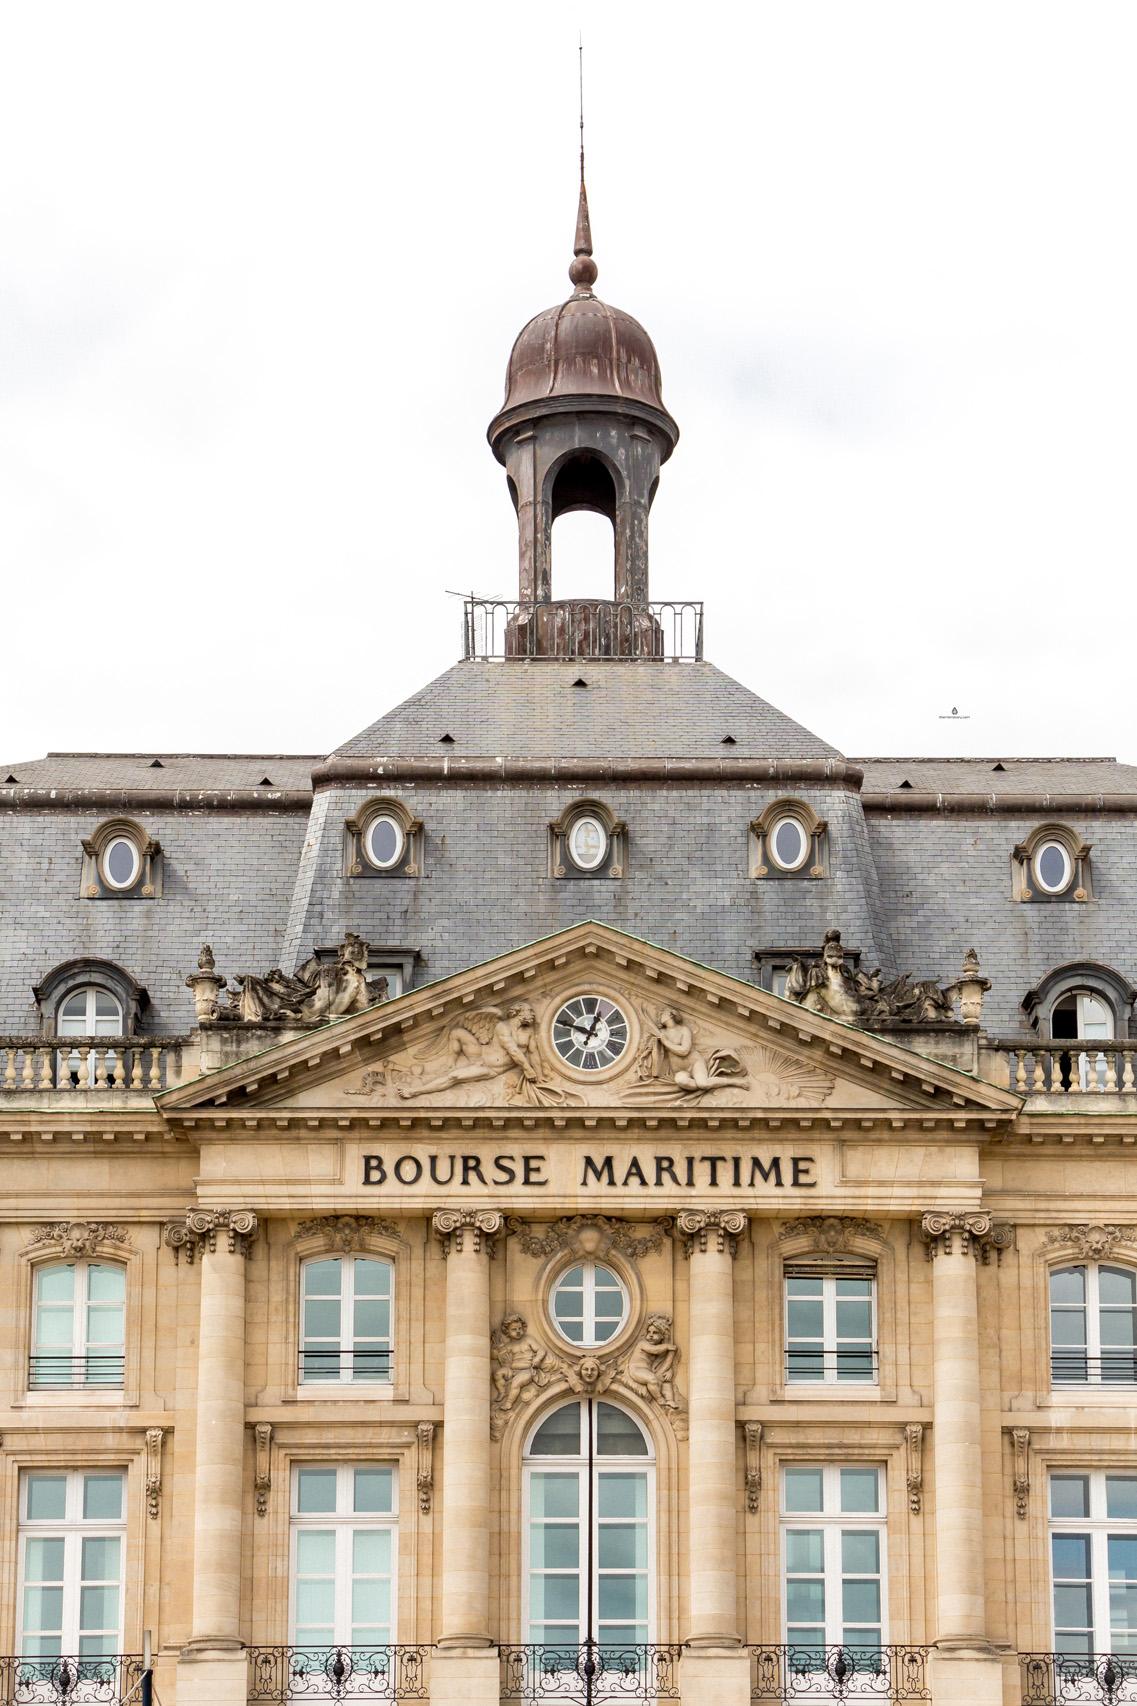 Bourse Maritime, Bordeaux